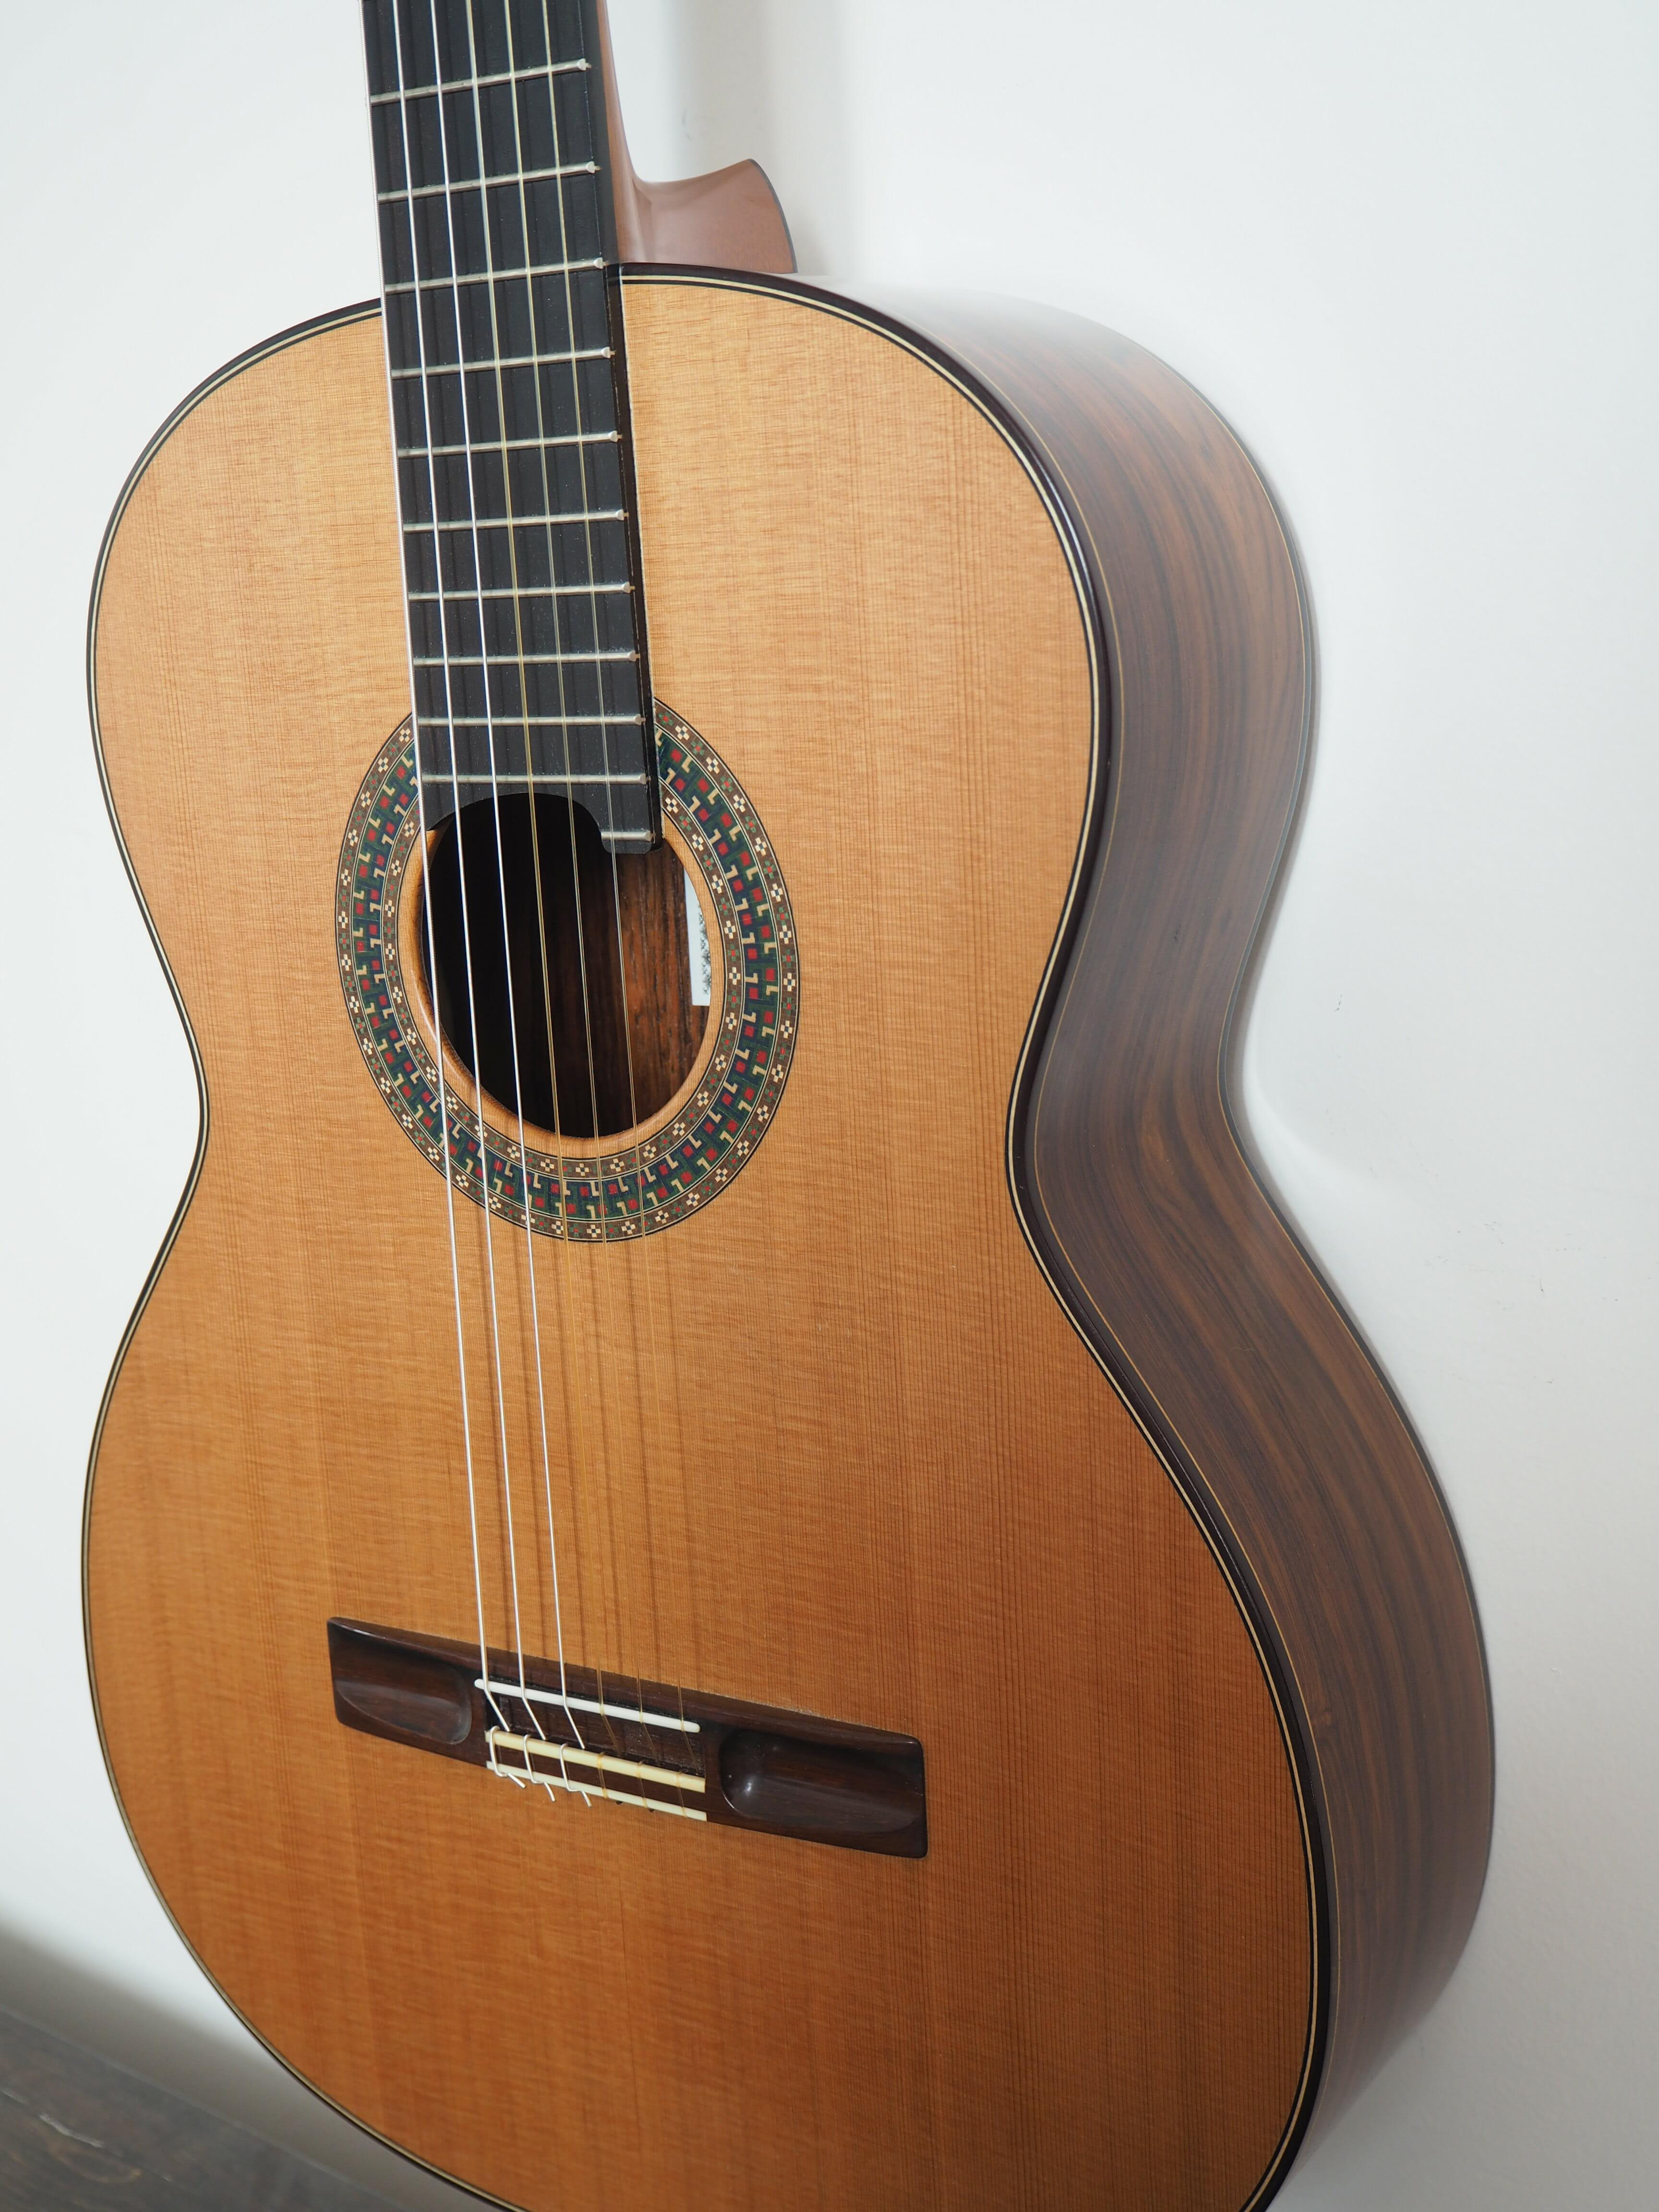 Simon Marty guitare classique de luthie